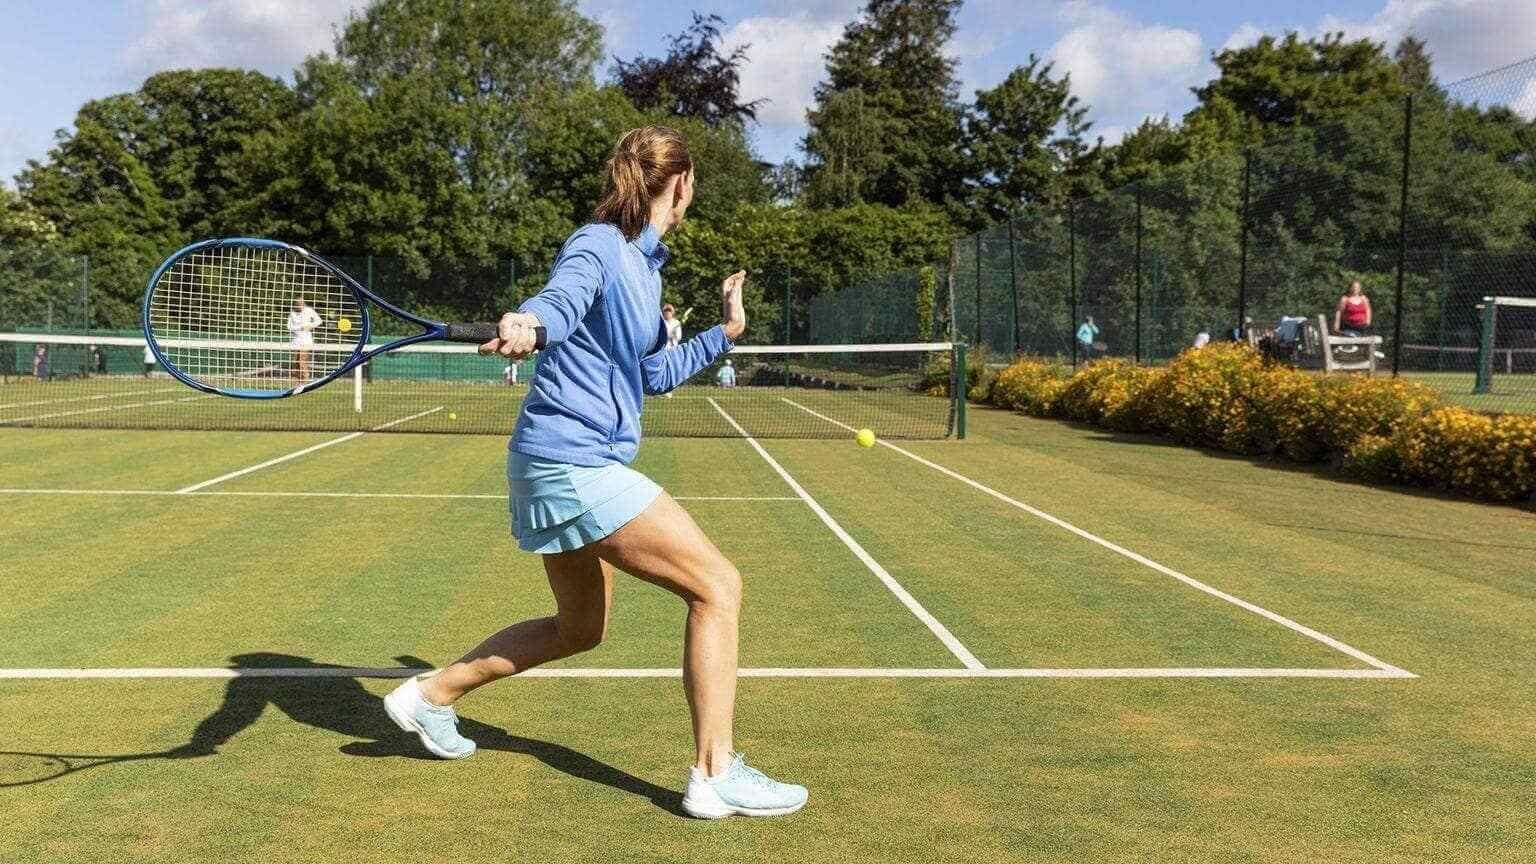 Woman during a tennis match on grass court